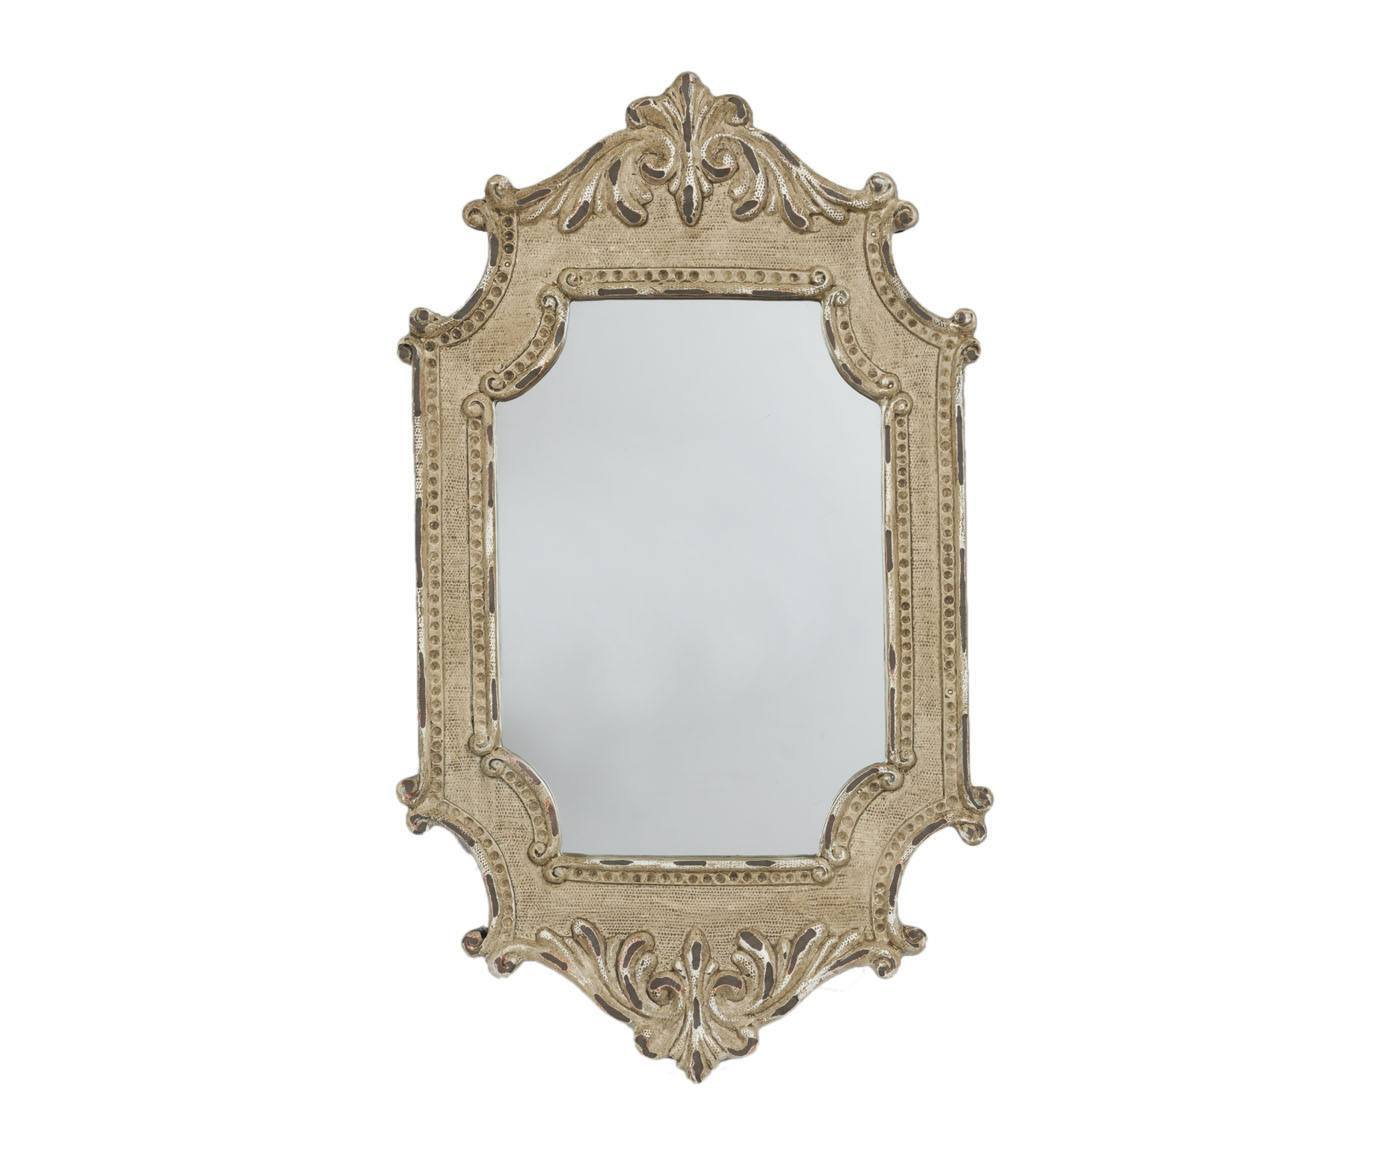 Зеркало RaffiaНастенные зеркала<br>Стиль дома отражает стиль жизни его обитателей. Зеркало Raffia создано для тех, кто понимает толк в моде, любит комфорт, изящность, стильные детали с характером и не боится экспериментировать. Оно идеально дополнит интерьер вашей гостиной, спальни или прихожей.<br><br>Material: Пластик<br>Width см: 19<br>Depth см: 4<br>Height см: 28.5